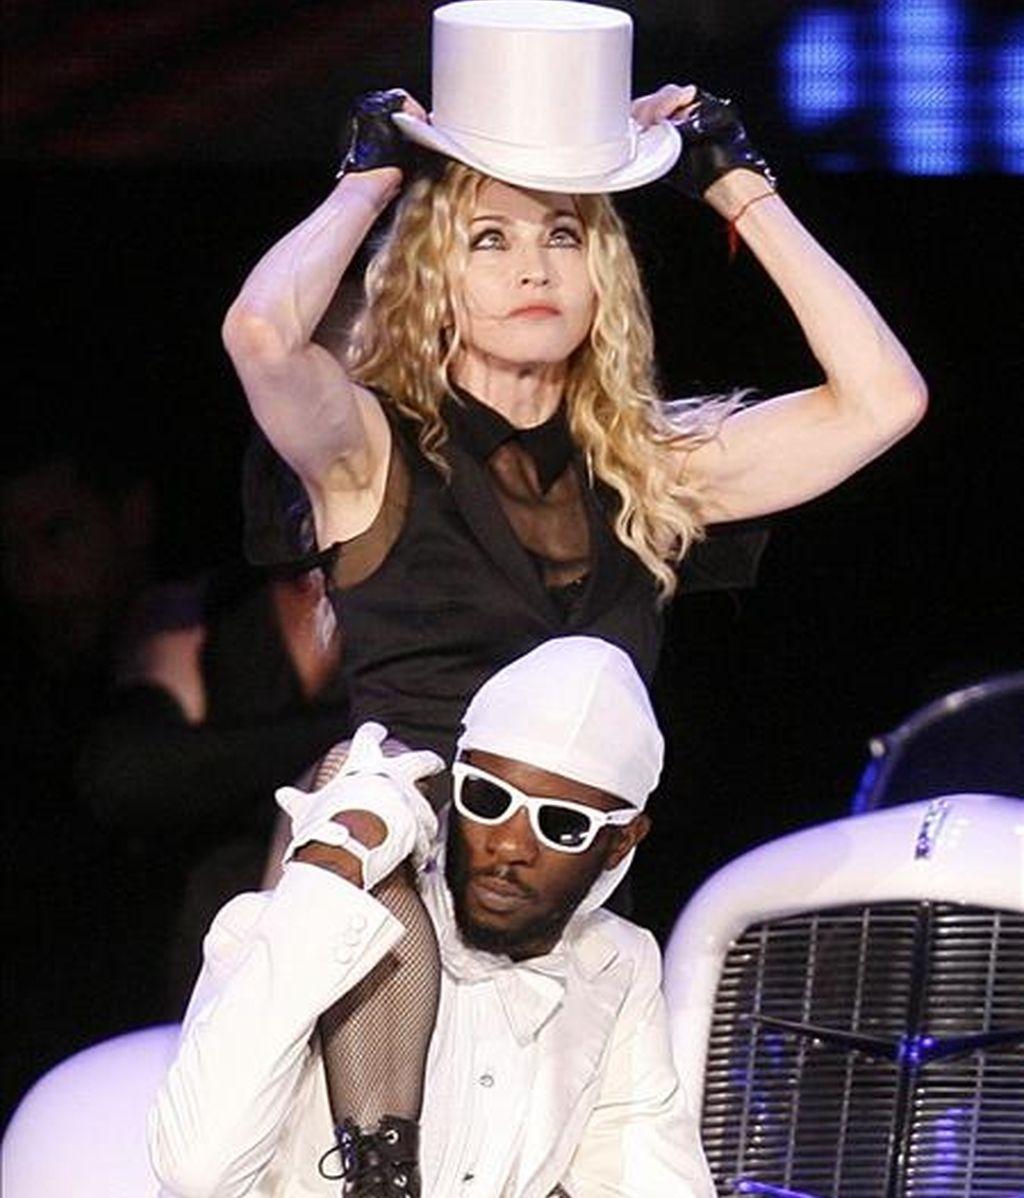 La cantante estadounidense Madonna durante un concierto en el estadio de Maracaná, en Río de Janeiro (Brasil). EFE/Archivo